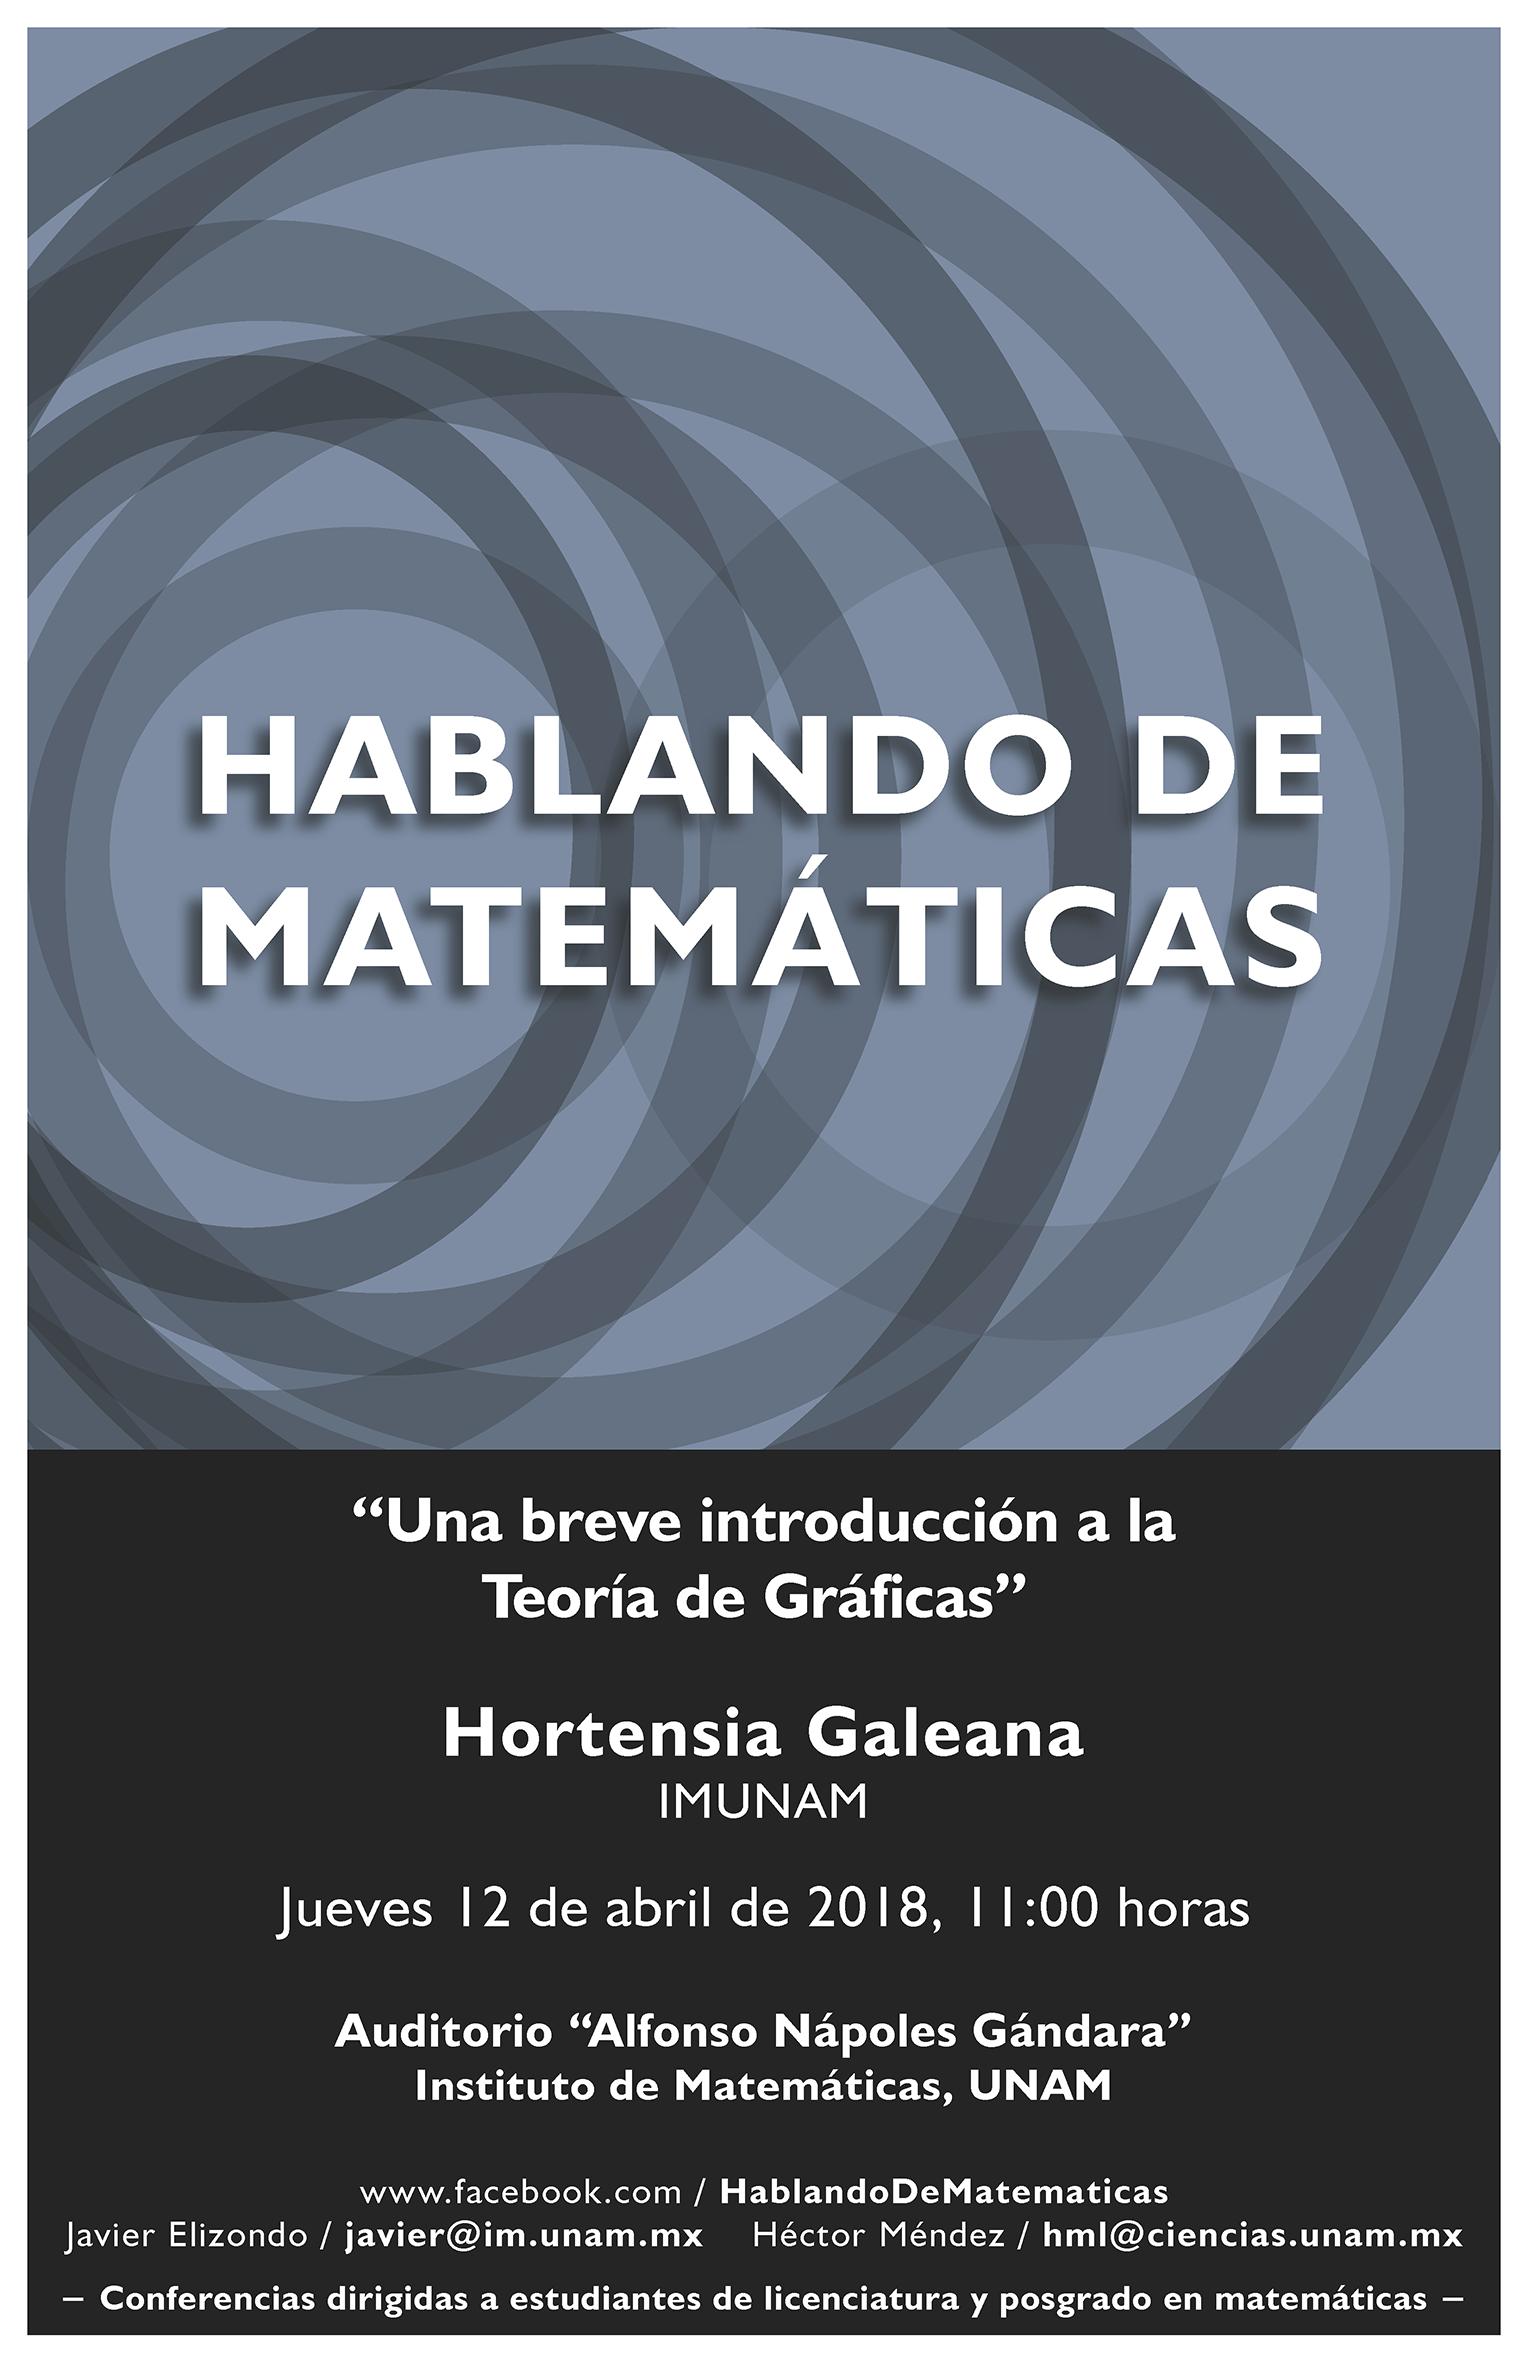 Hablando de Matemáticas: Hortensia Galeana, IMUNAM